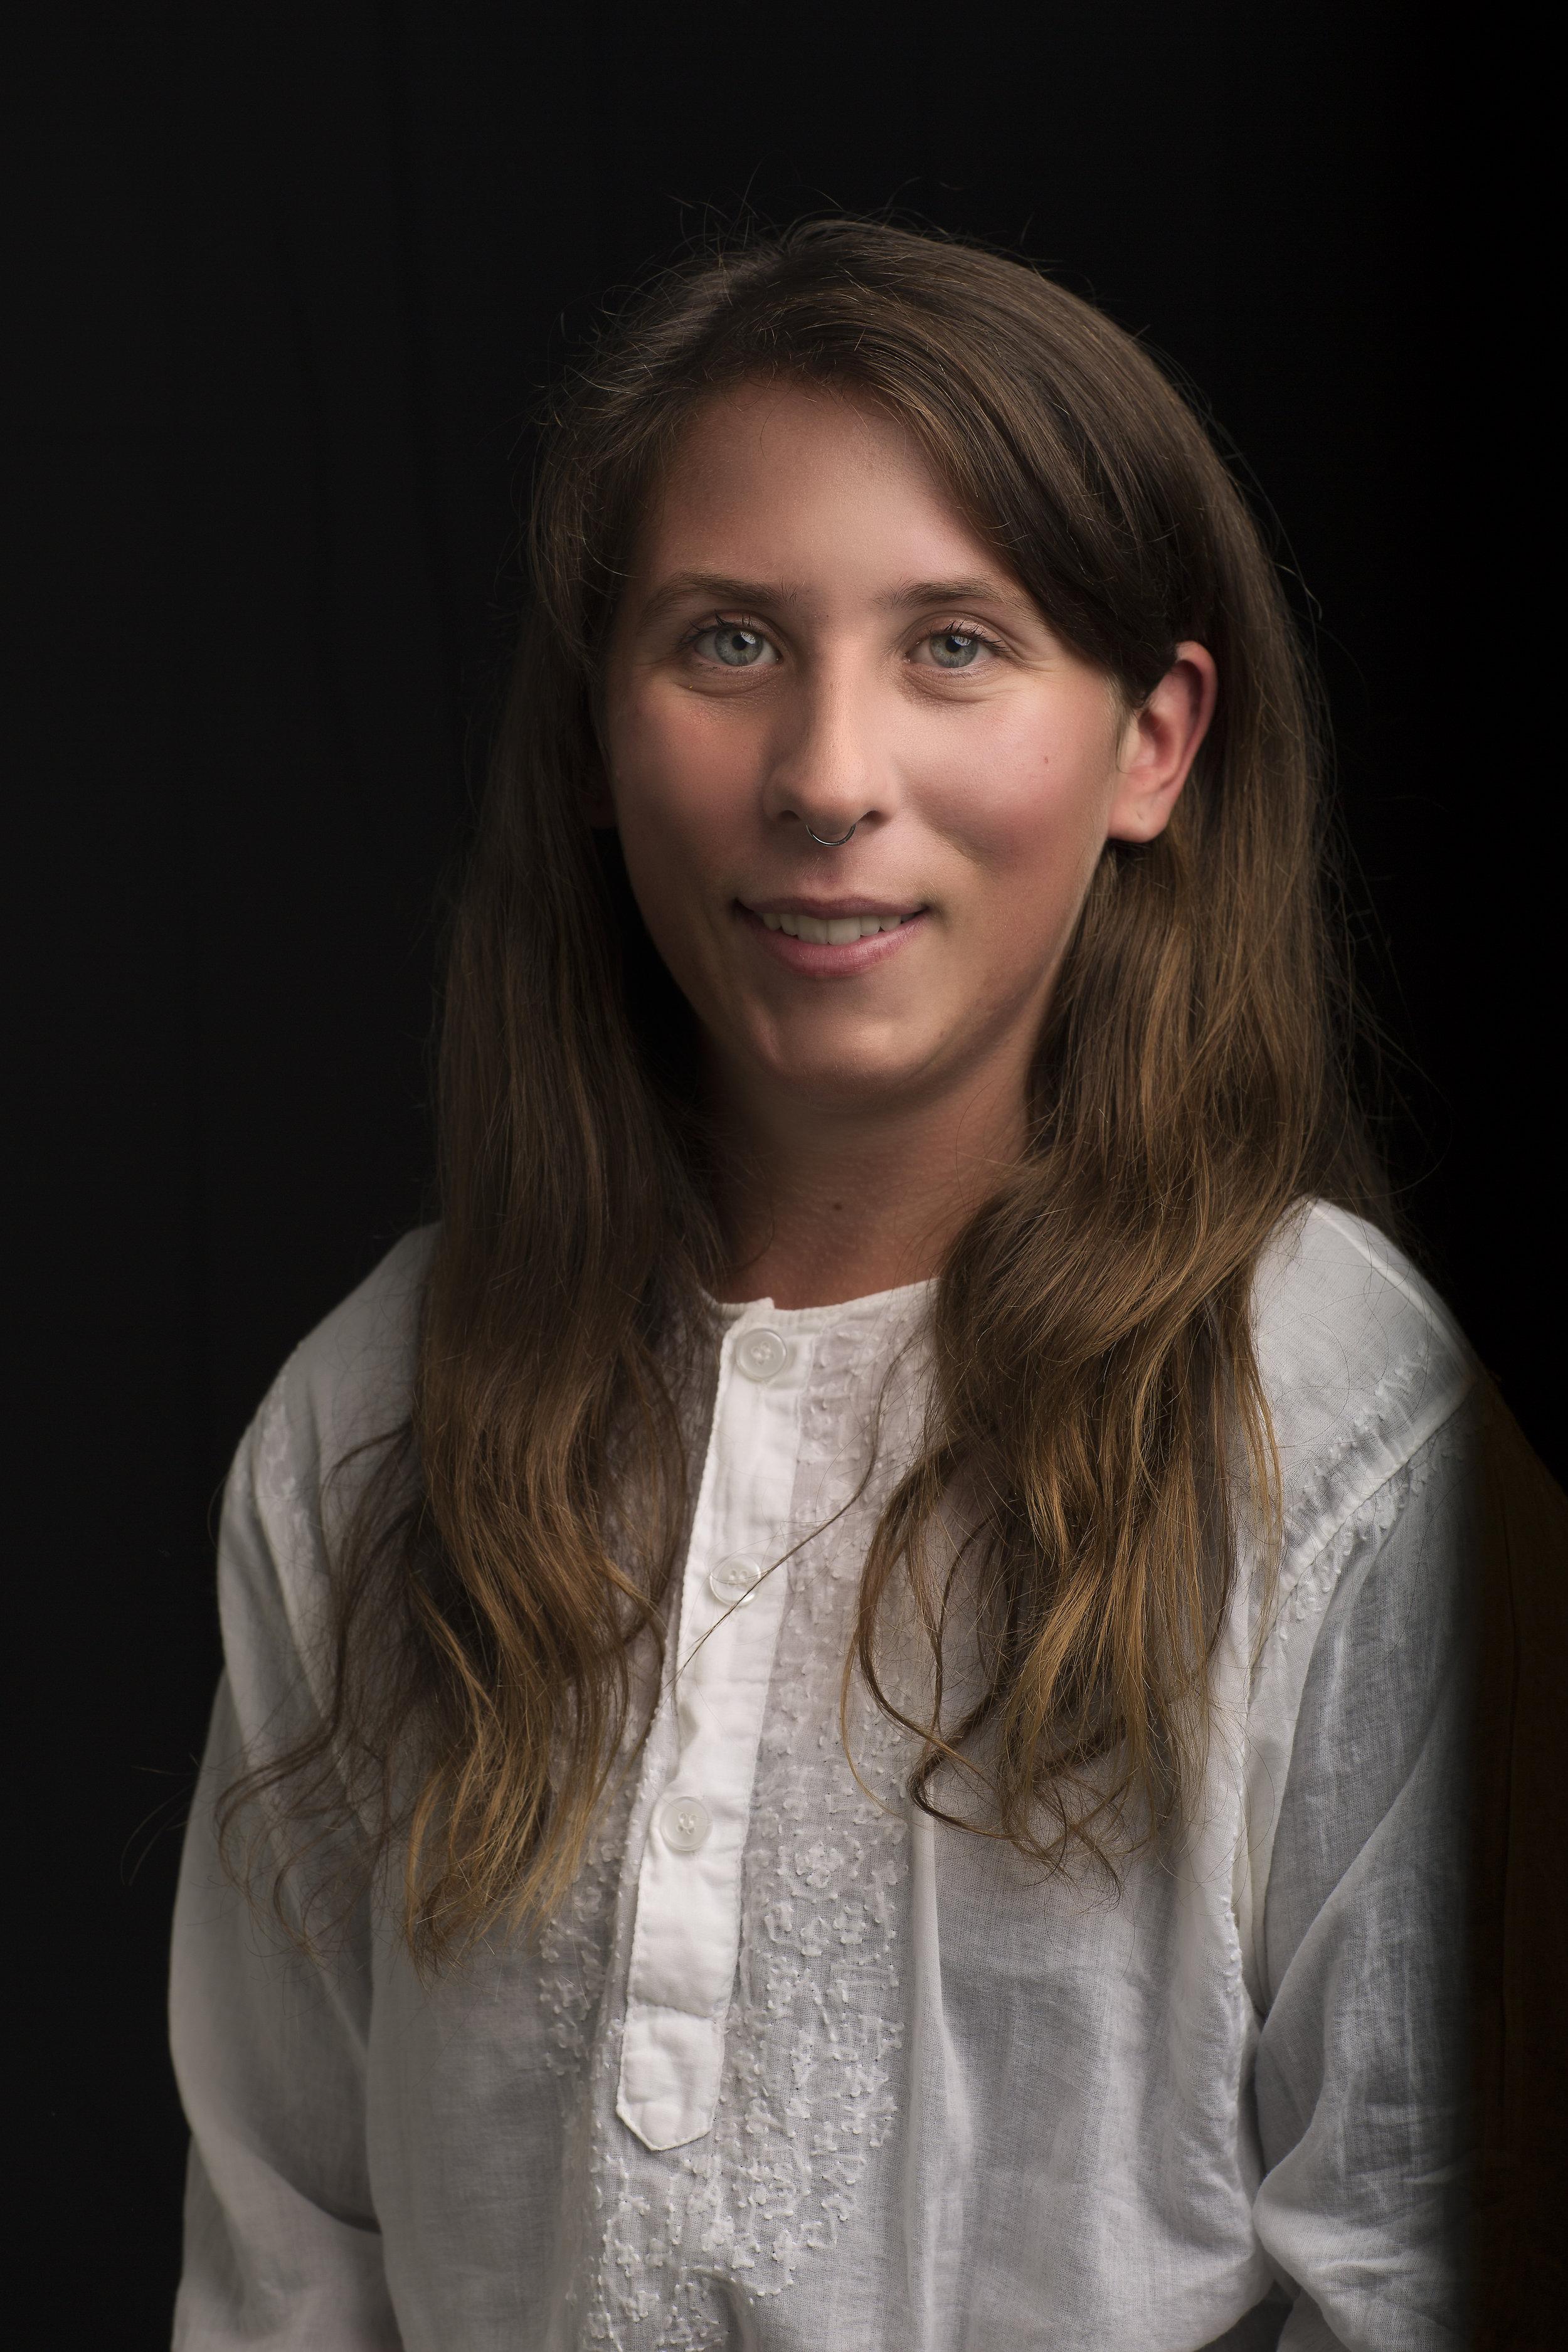 Natalie Breakwell